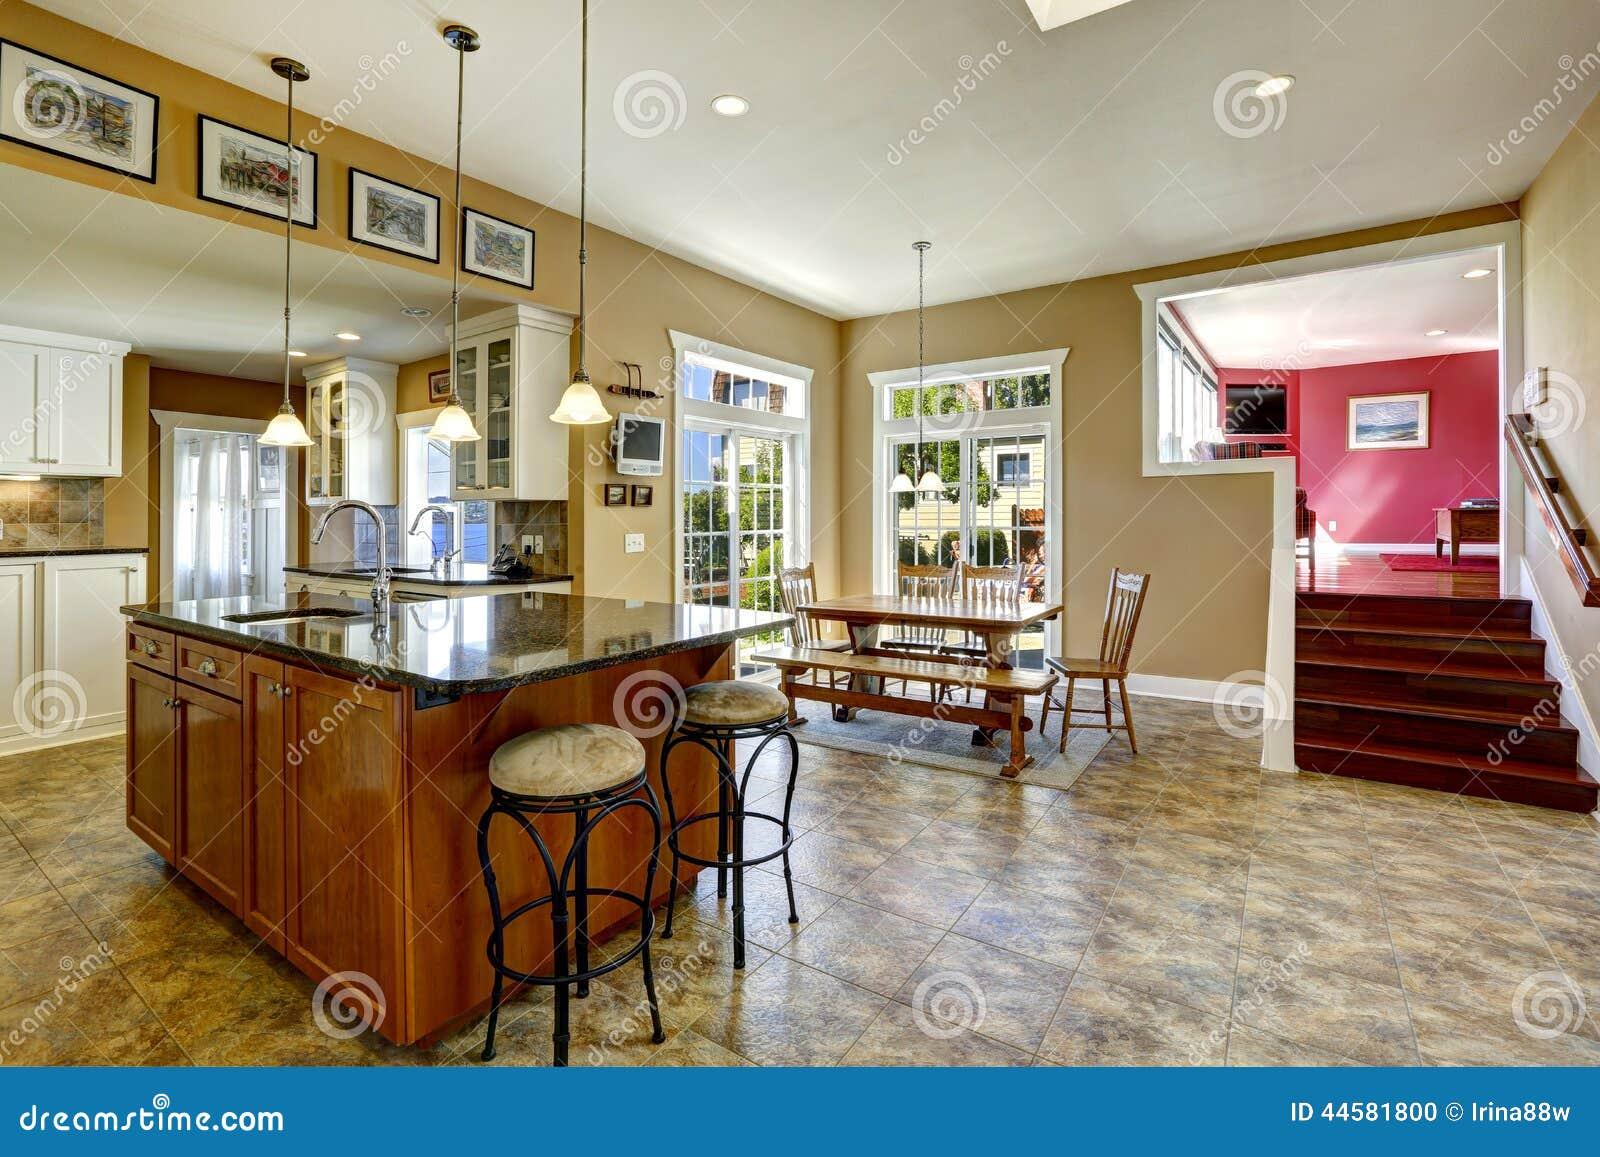 Sala Da Cozinha Com Ilha E Mesa De Jantar De Cozinha Stock Images